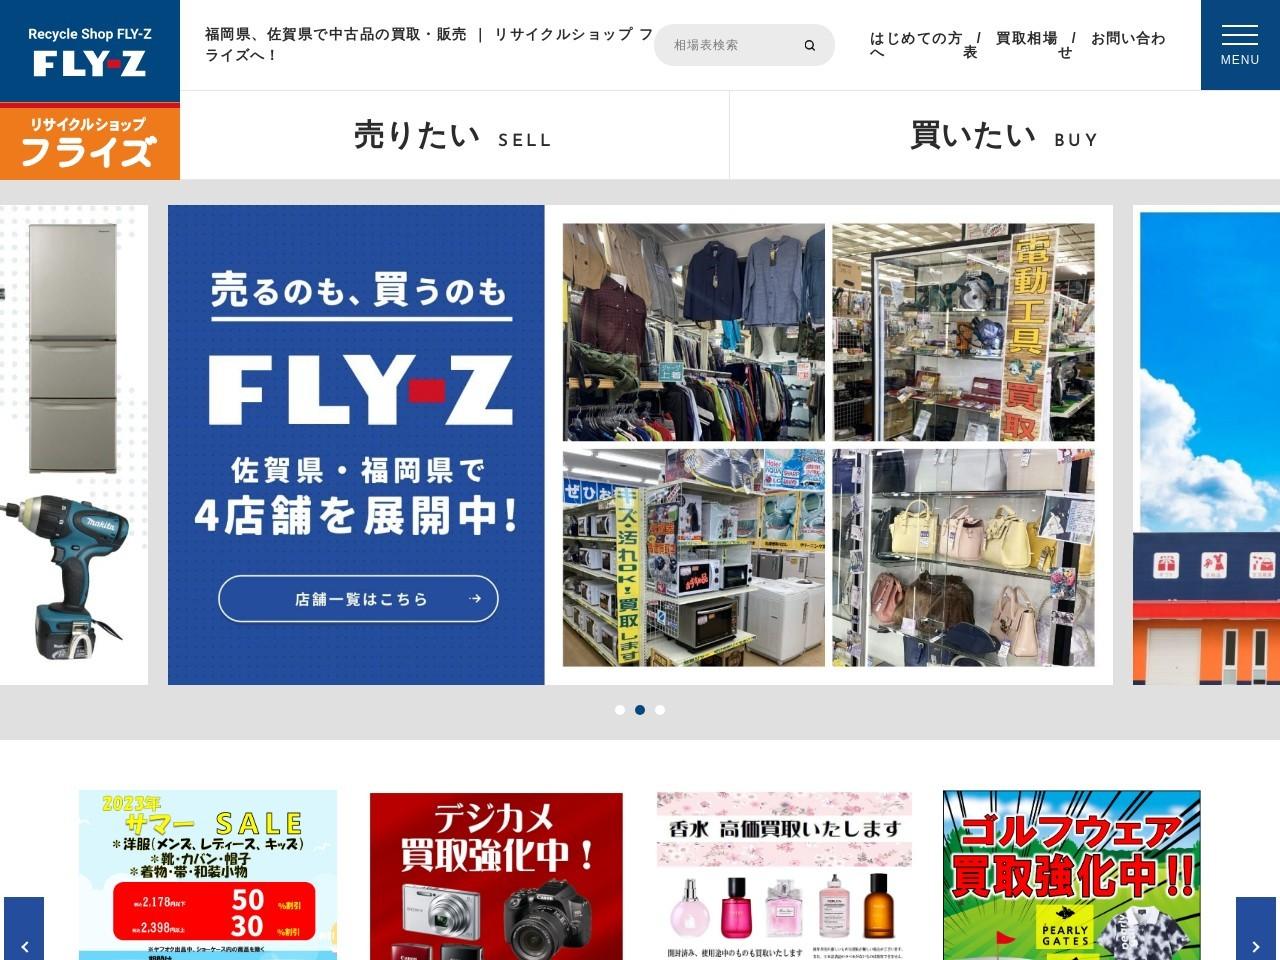 福岡県と佐賀県で展開! 買取り 中古販売 総合リサイクルショップ「フライズ」